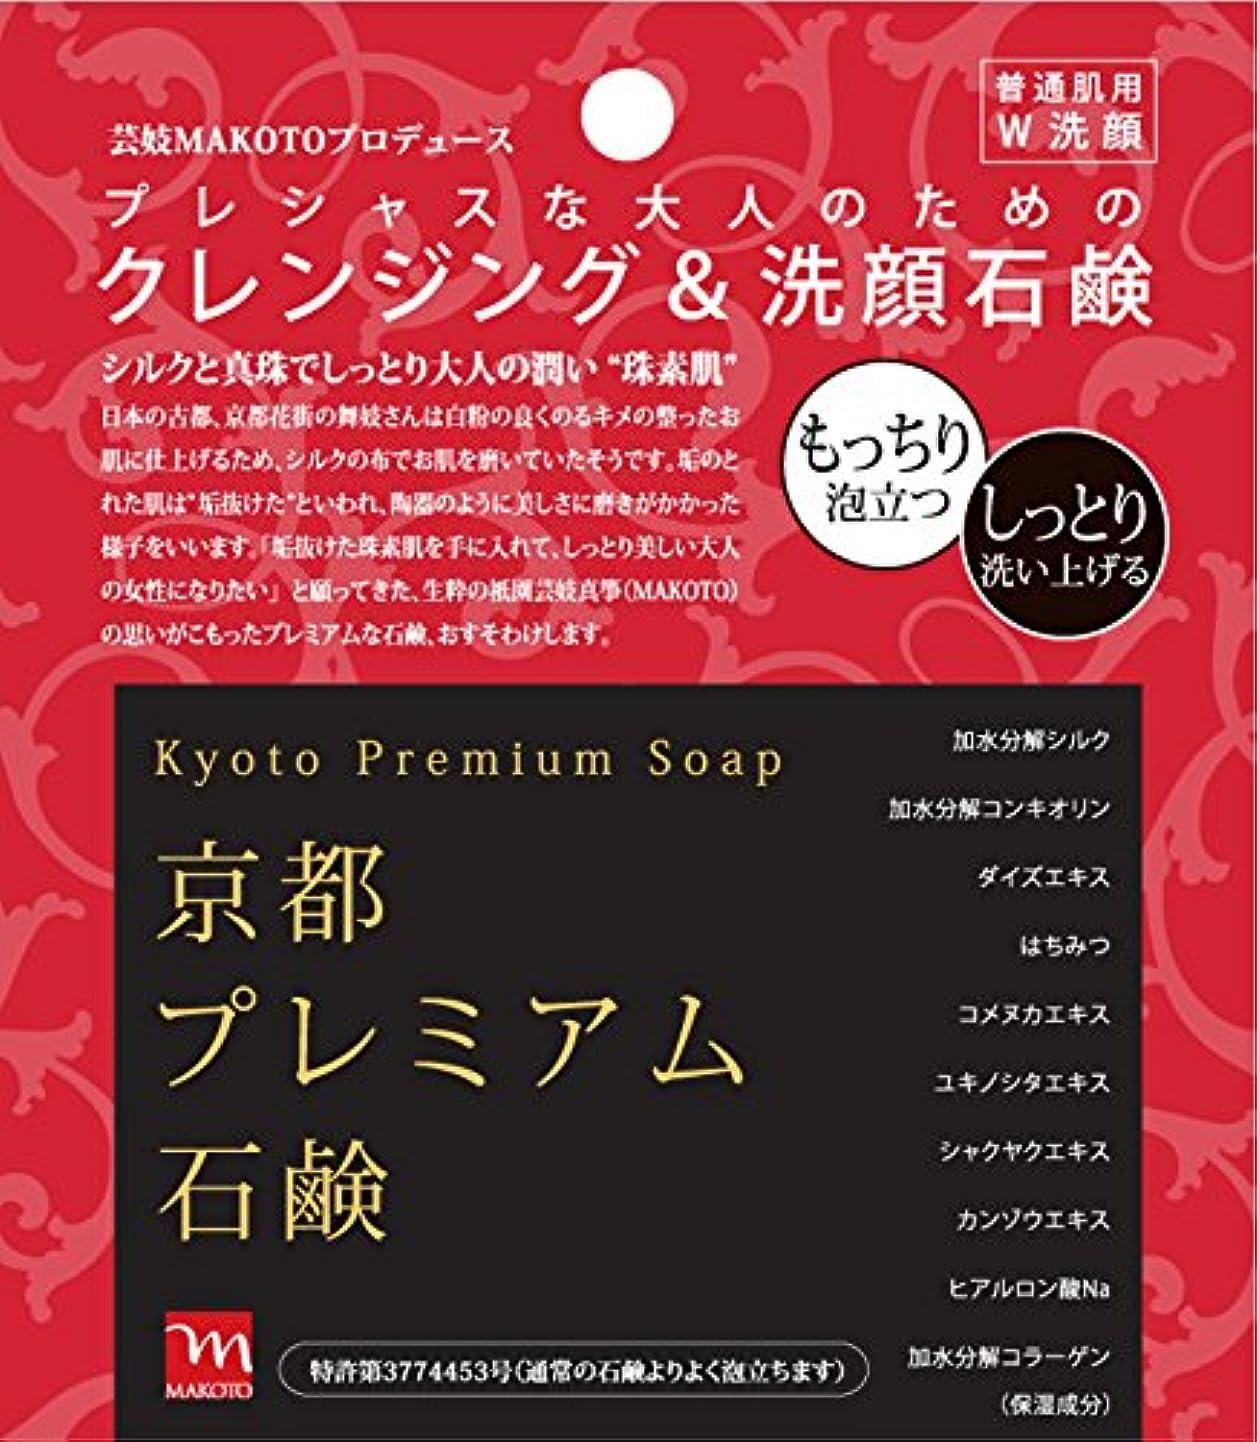 移動する促進するクラウド京都プレミアム石鹸 クレンジング&洗顔石鹸 しっとり もっちり 芸妓さん監修